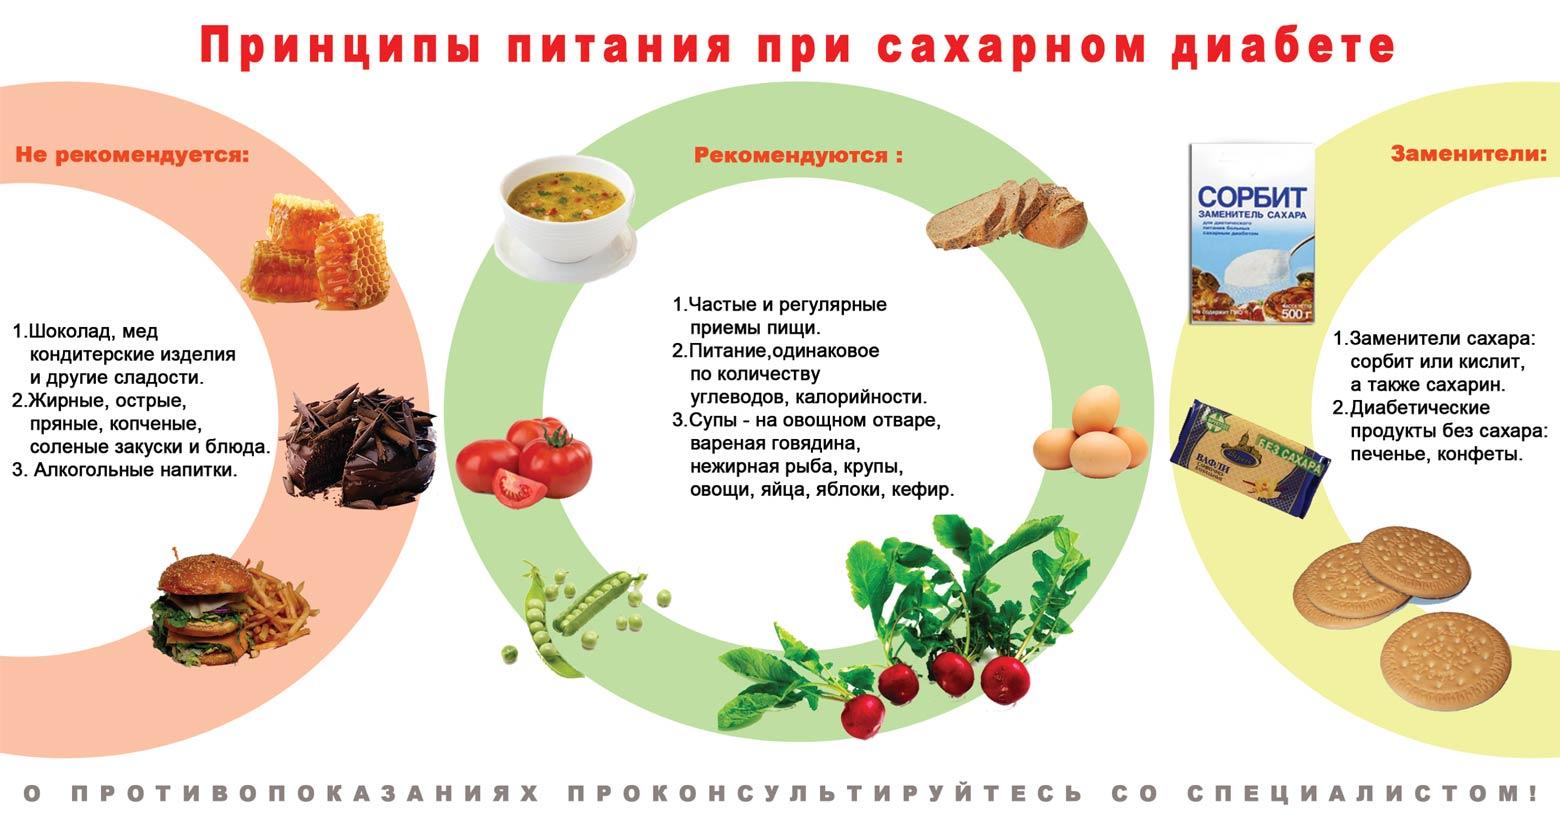 Питание при сахарном диабете на каждый день на две недели, стол №9,  низкокалорийная · zoom in 36240291e32